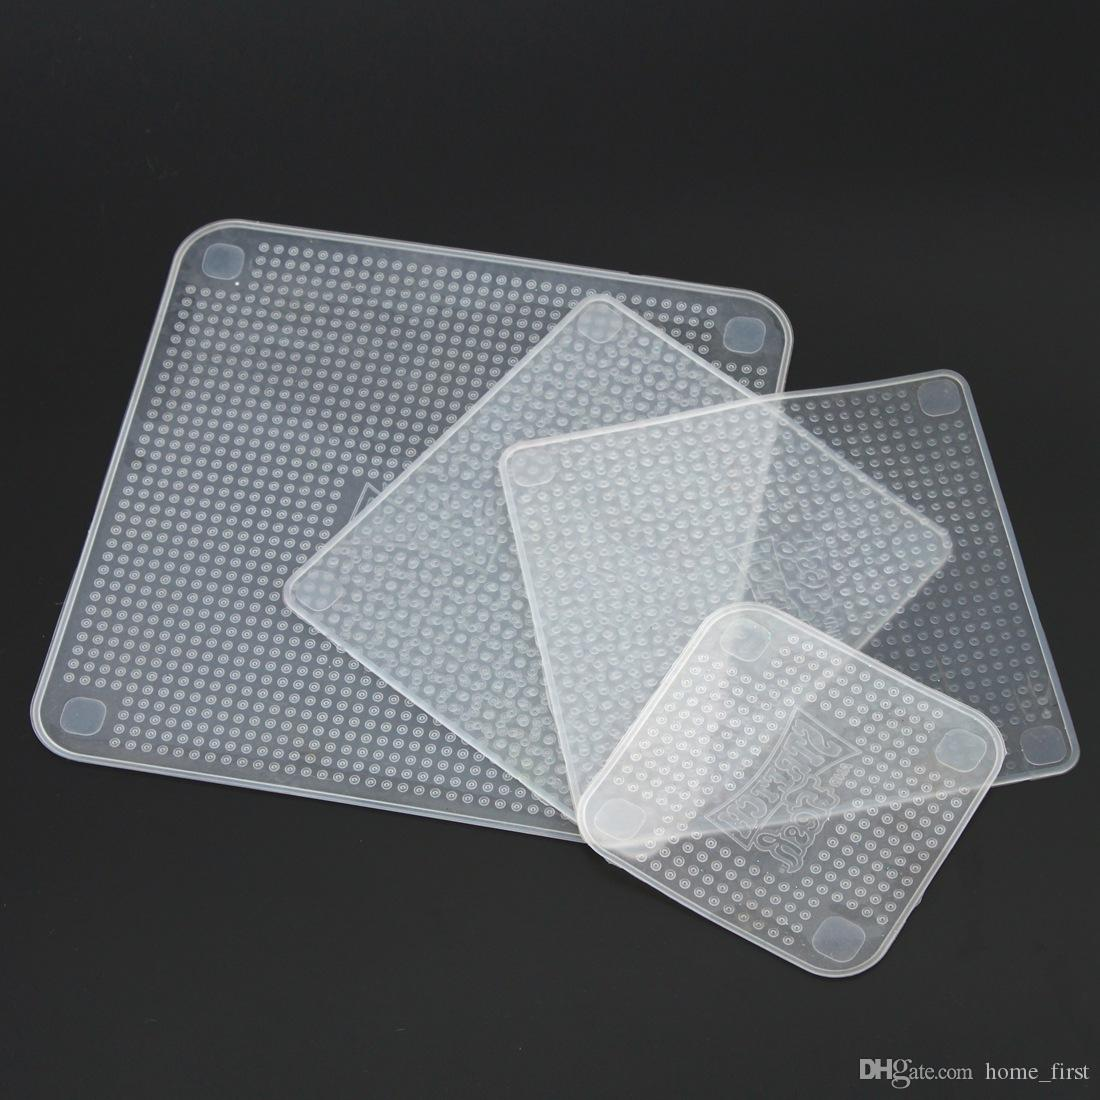 قابلة لإعادة الاستخدام مقاومة درجات الحرارة العالية متعددة الوظائف سيليكون الغذاء الأغطية ختم غطاء تمتد تتشبث فيلم حفظ الطازجة / set